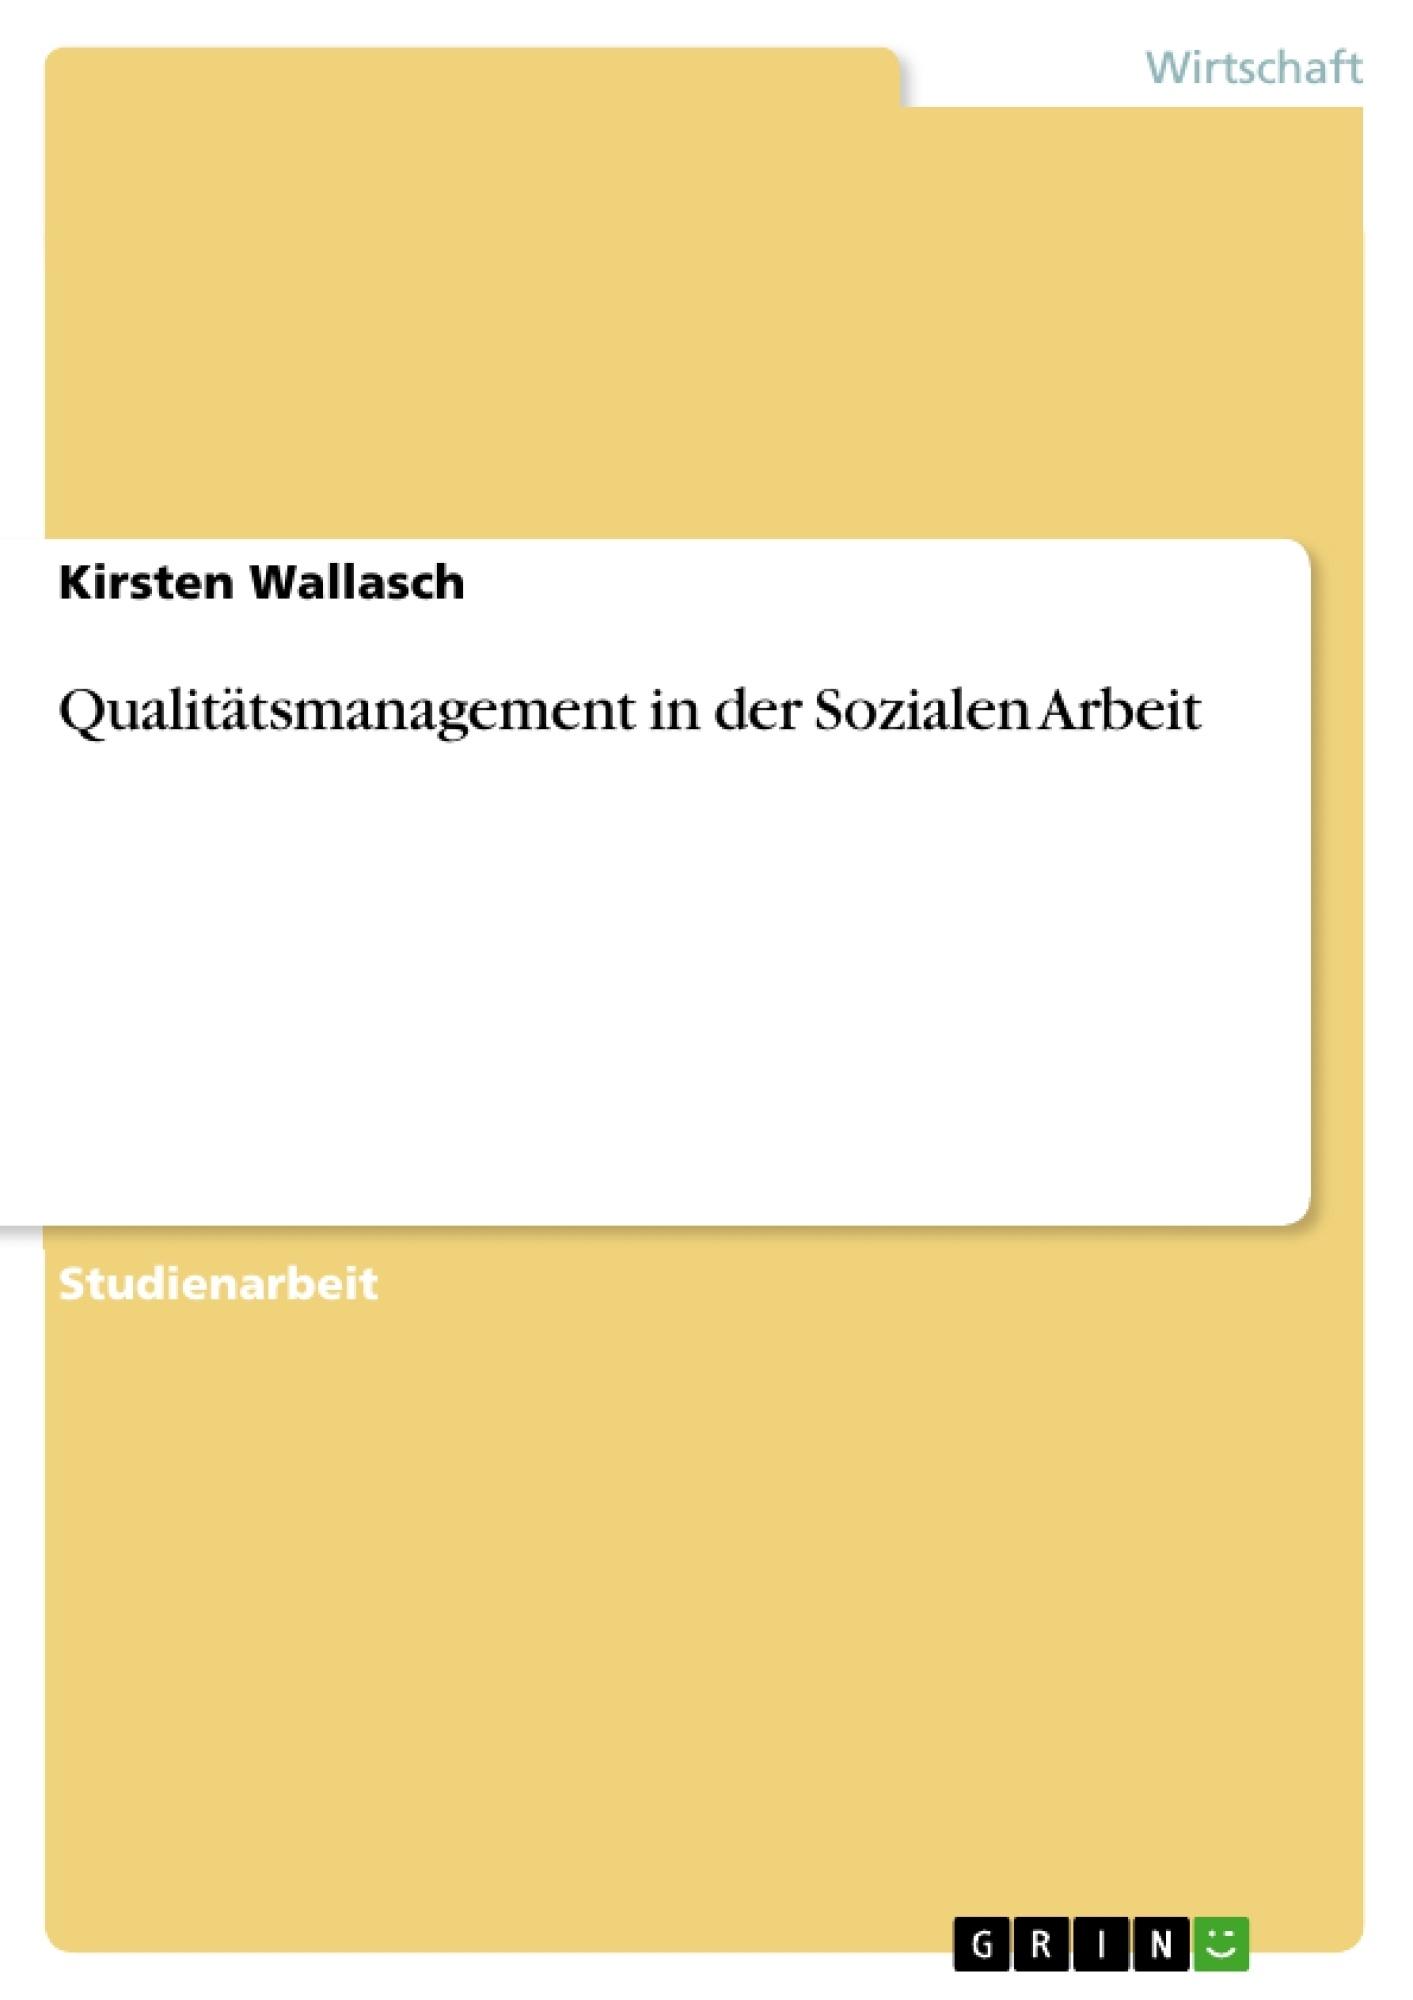 Titel: Qualitätsmanagement in der Sozialen Arbeit